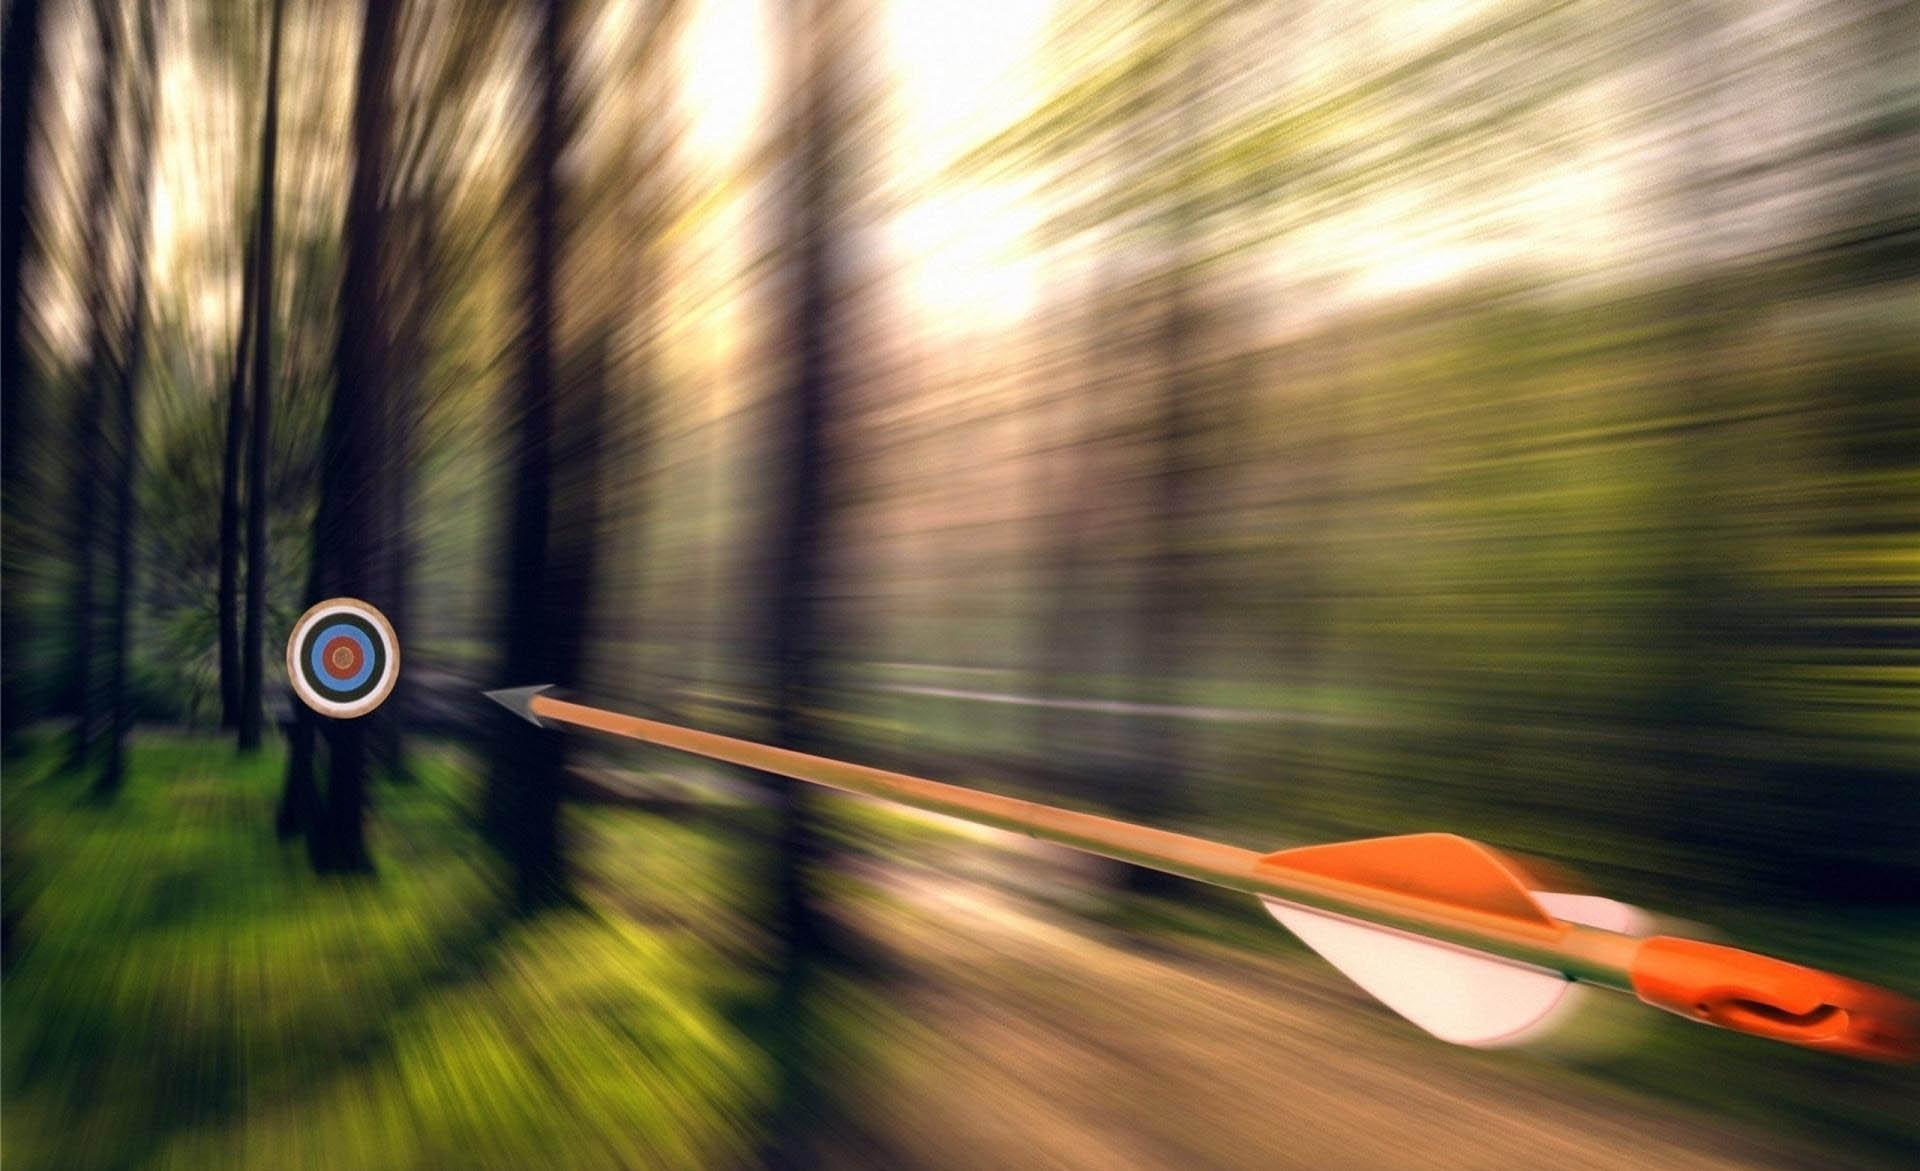 Wallpaper arrow target weeds target archery tree forest desktop 1920x1171